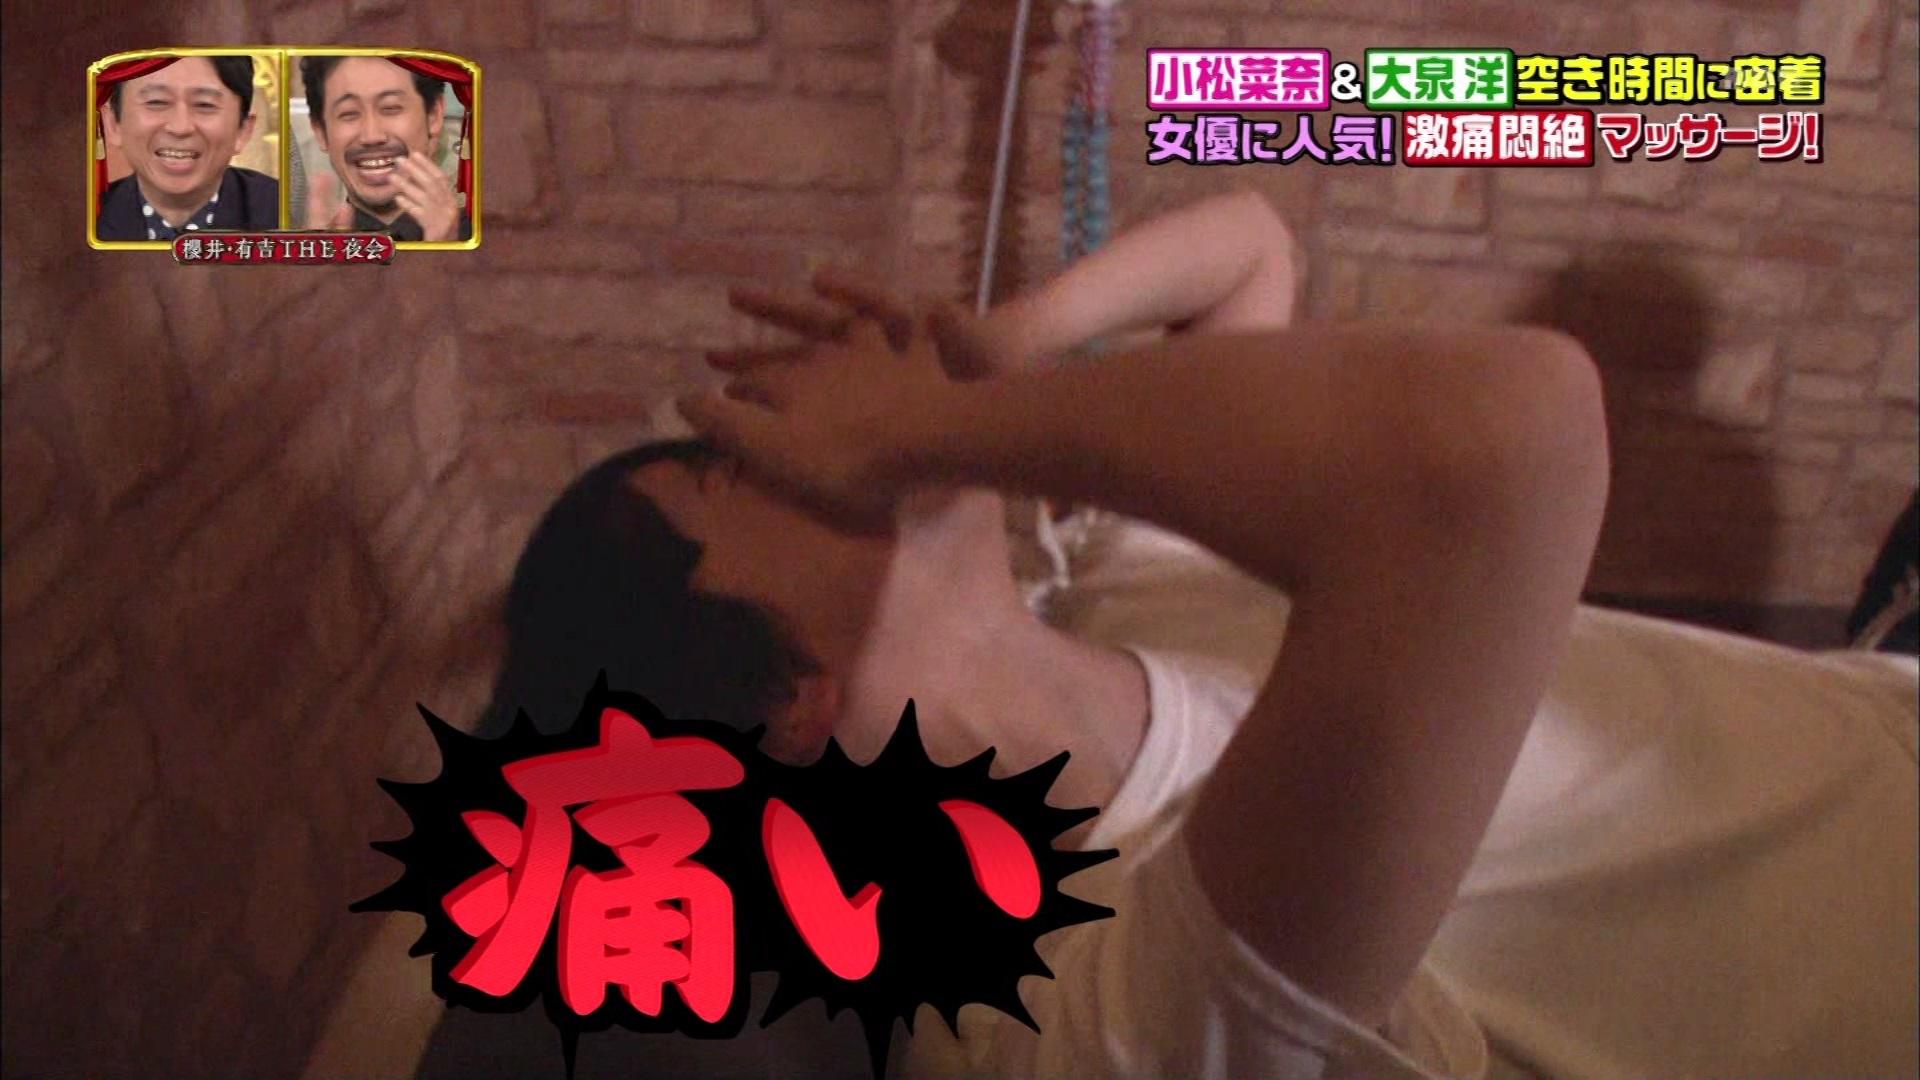 小松菜奈_マッサージ_テレビキャプ画像_15